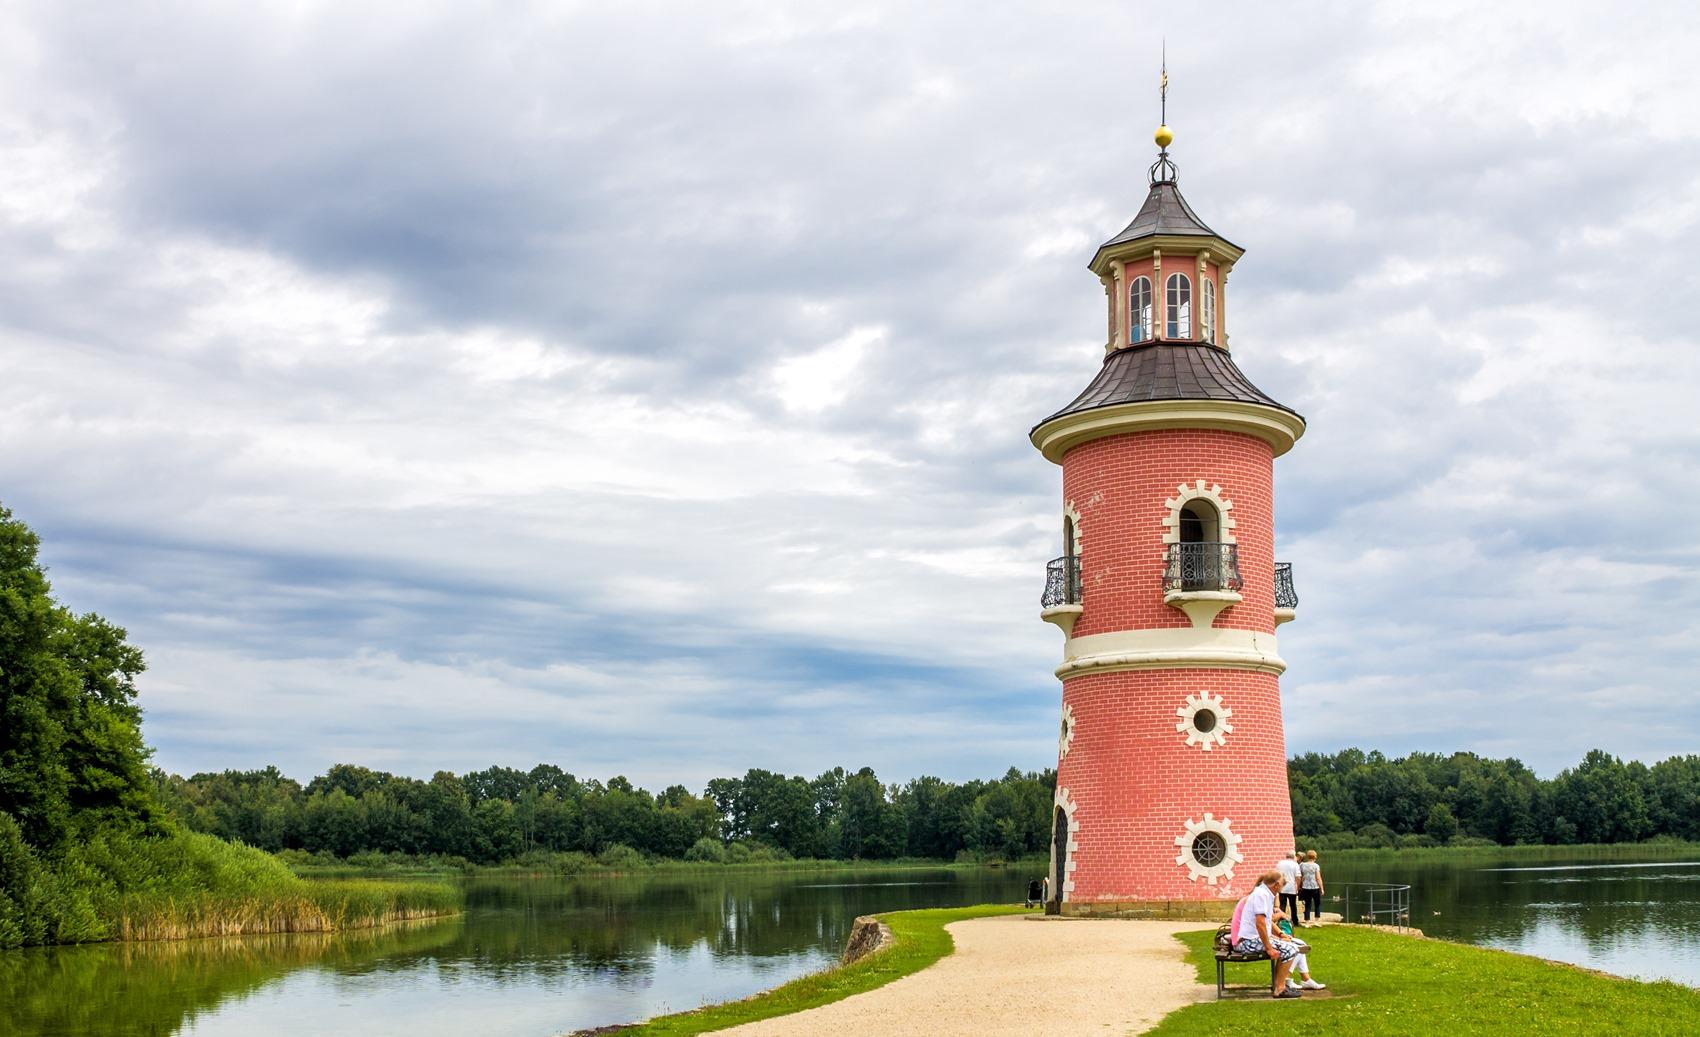 Schloss Moritzburg, Hafenanlage am Groteich mit Mole und Leuchtturm